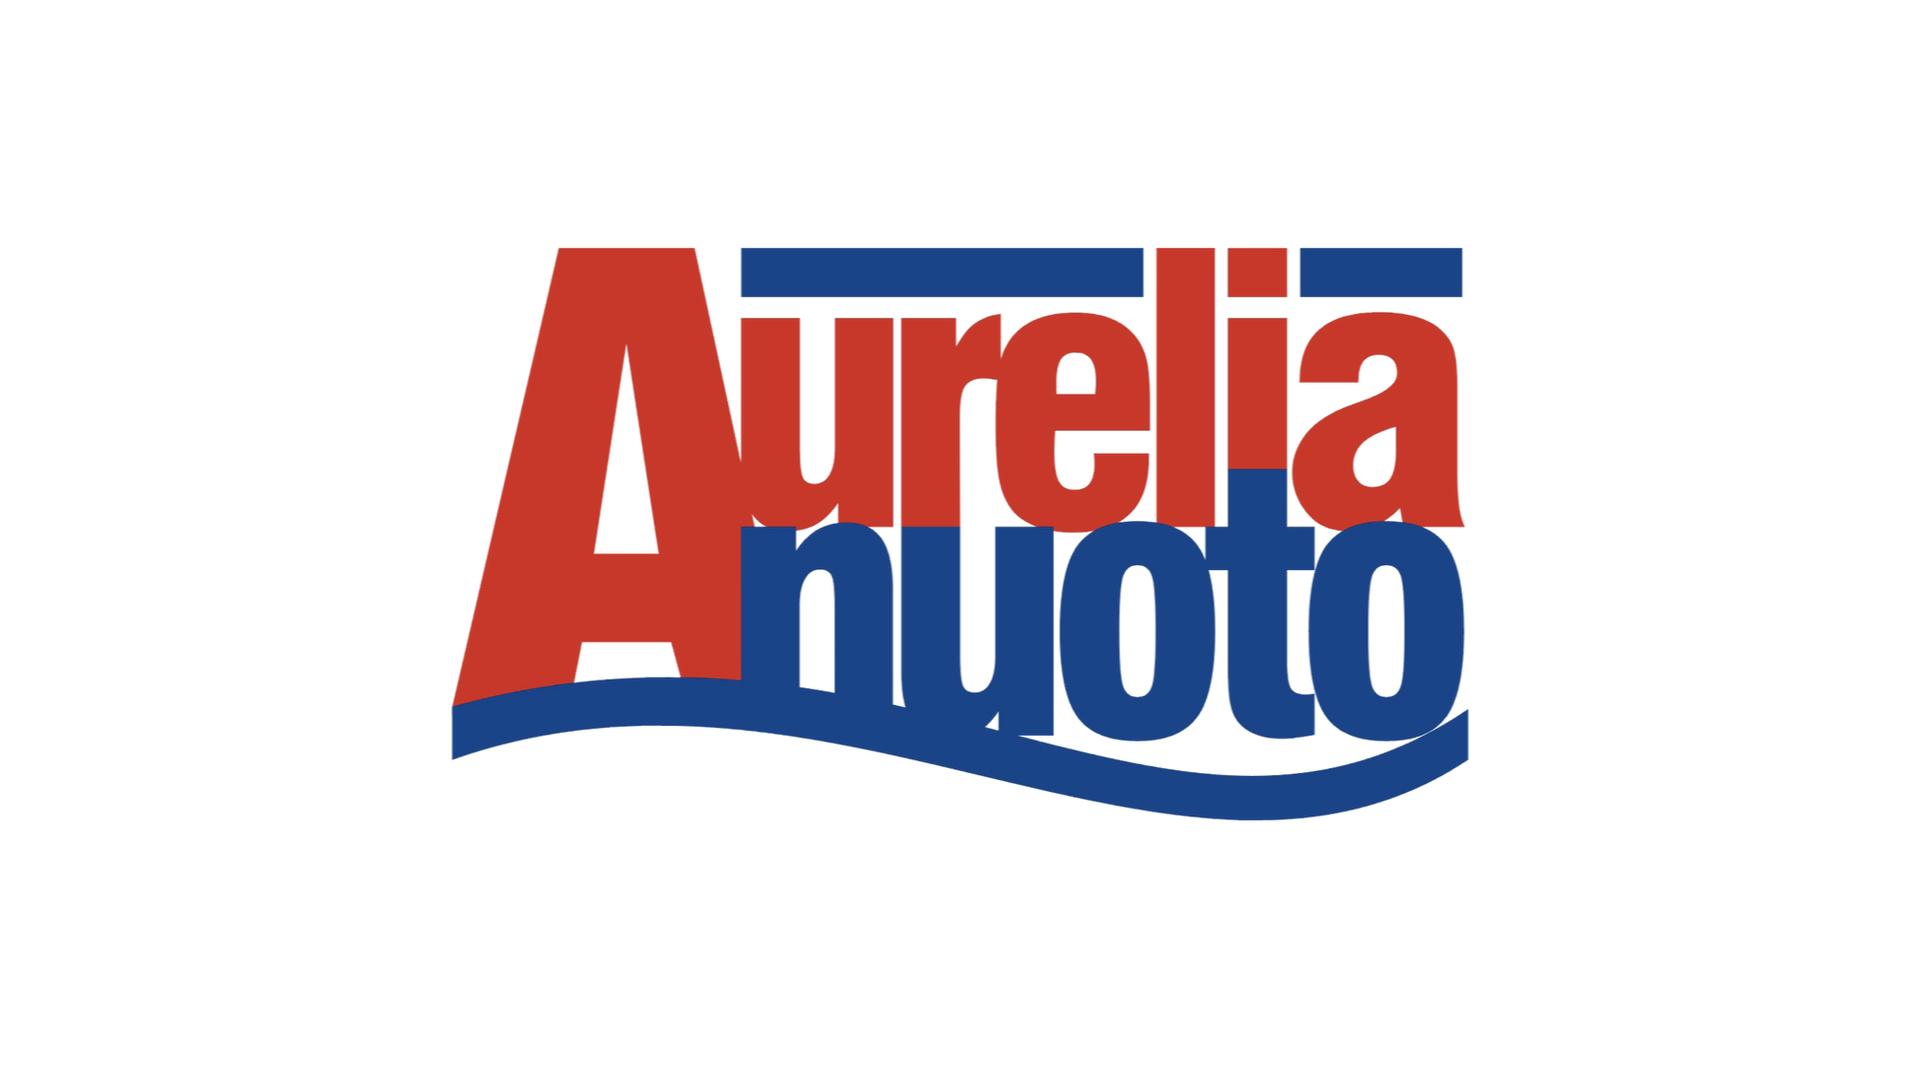 Aurelia Nuoto e arena di nuovo insieme